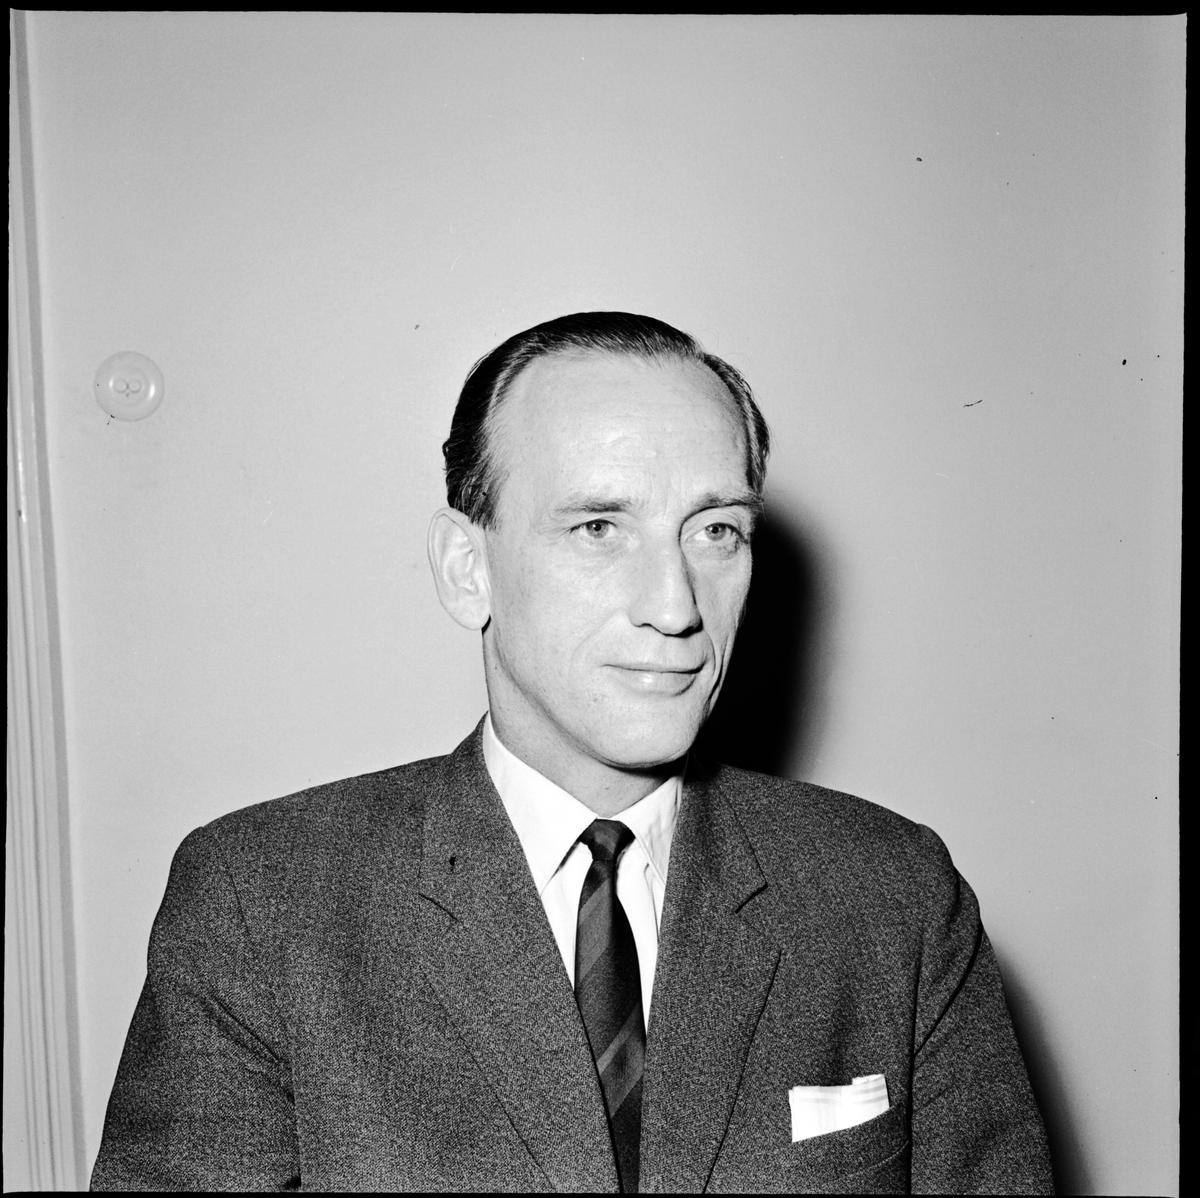 Douglas Hibell